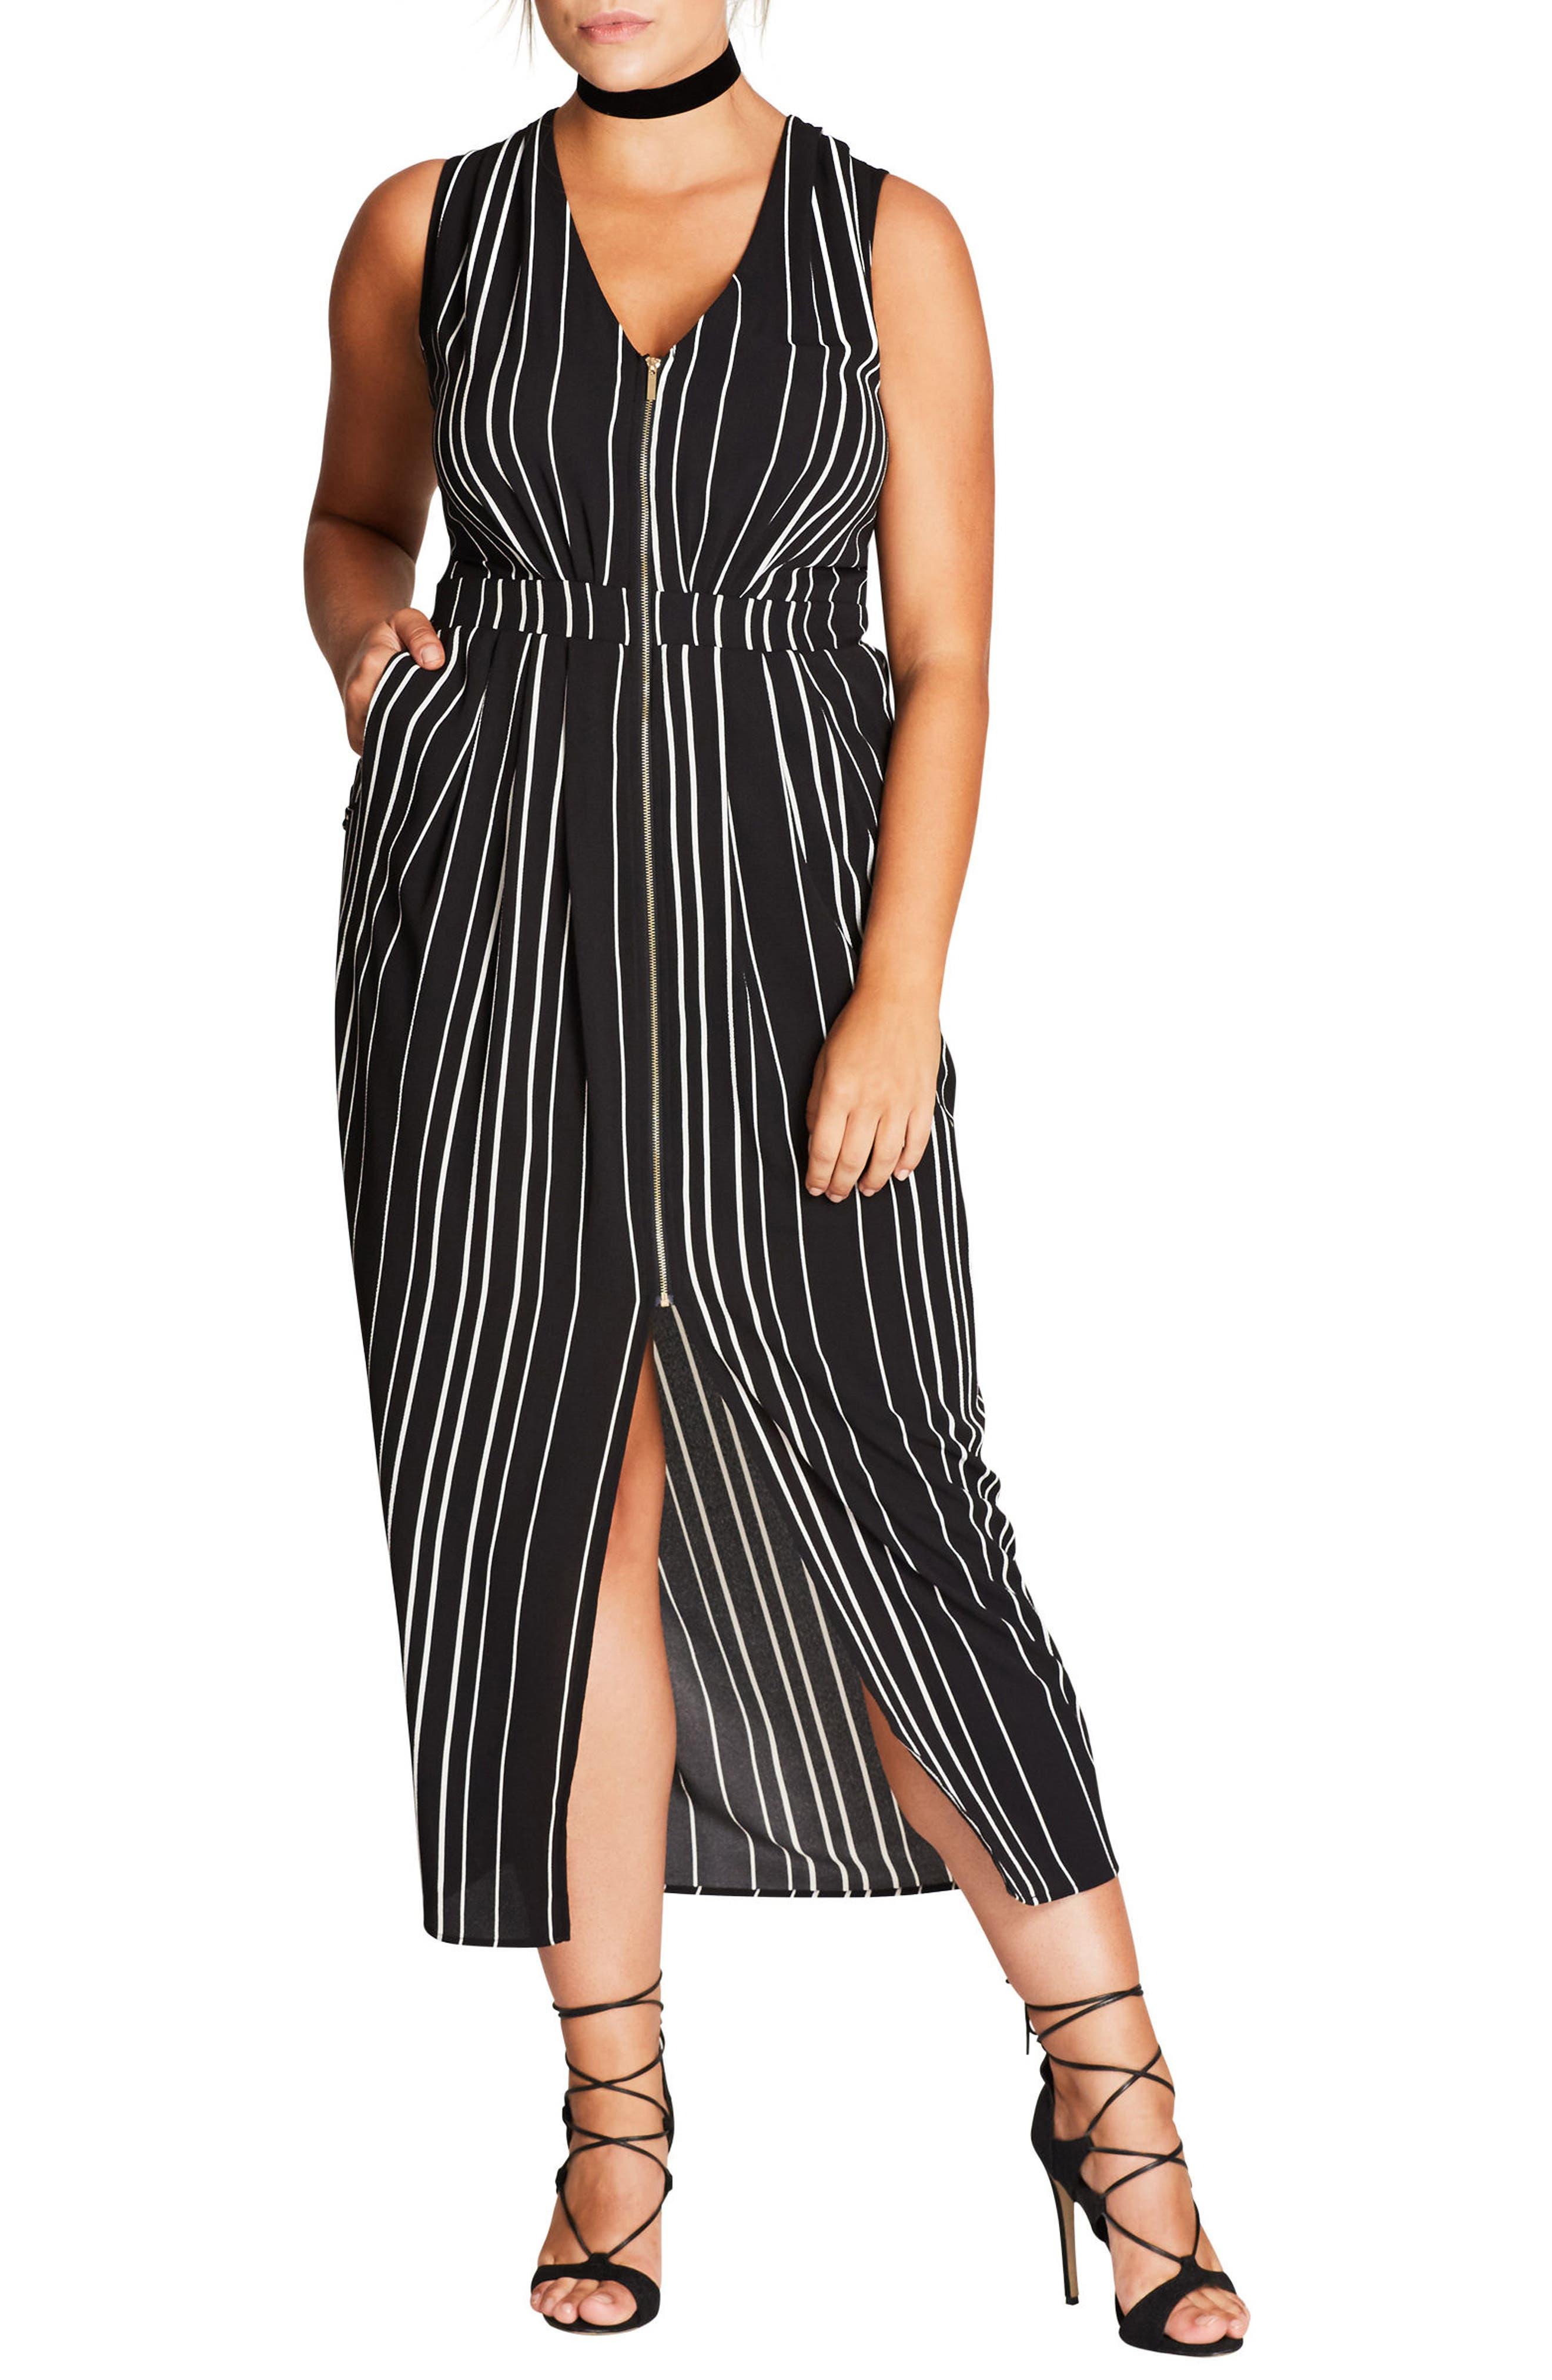 Main Image - City Chic Pleat Zip Front Dress (Plus Size)